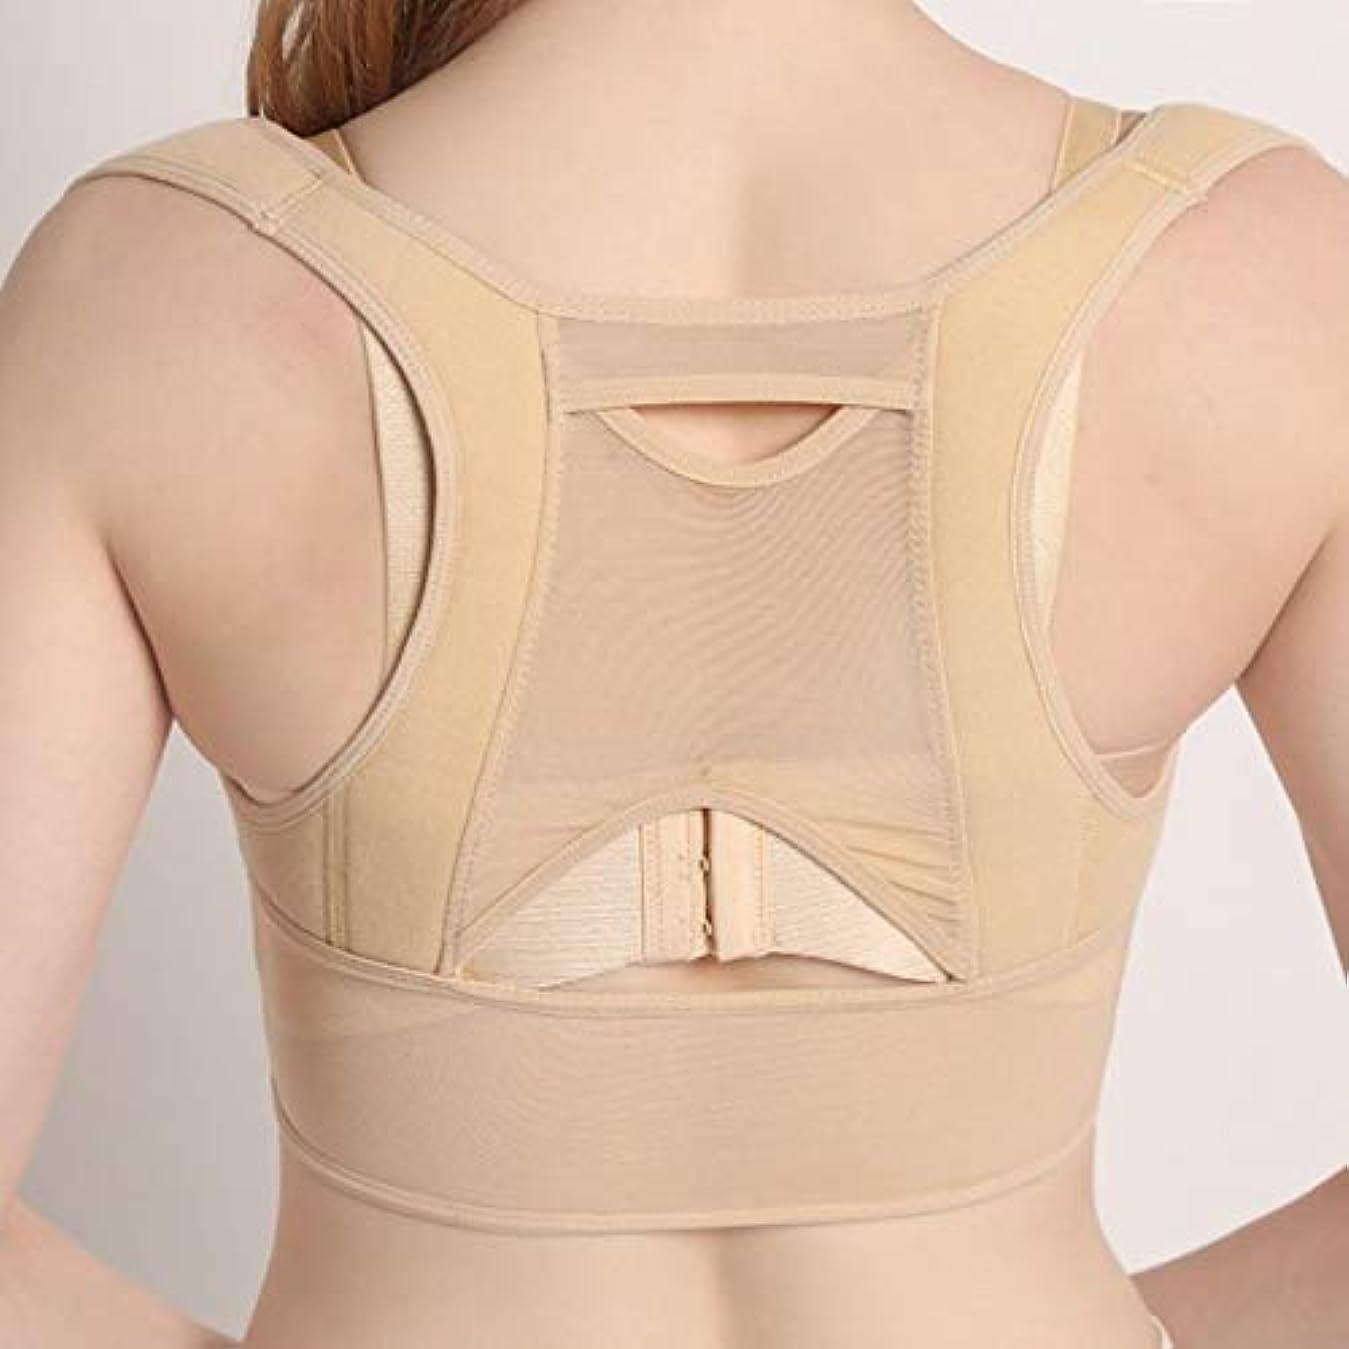 ソーセージ音声まともな通気性のある女性の背中の姿勢矯正コルセット整形外科の肩の背骨の姿勢矯正腰椎サポート - ベージュホワイトM